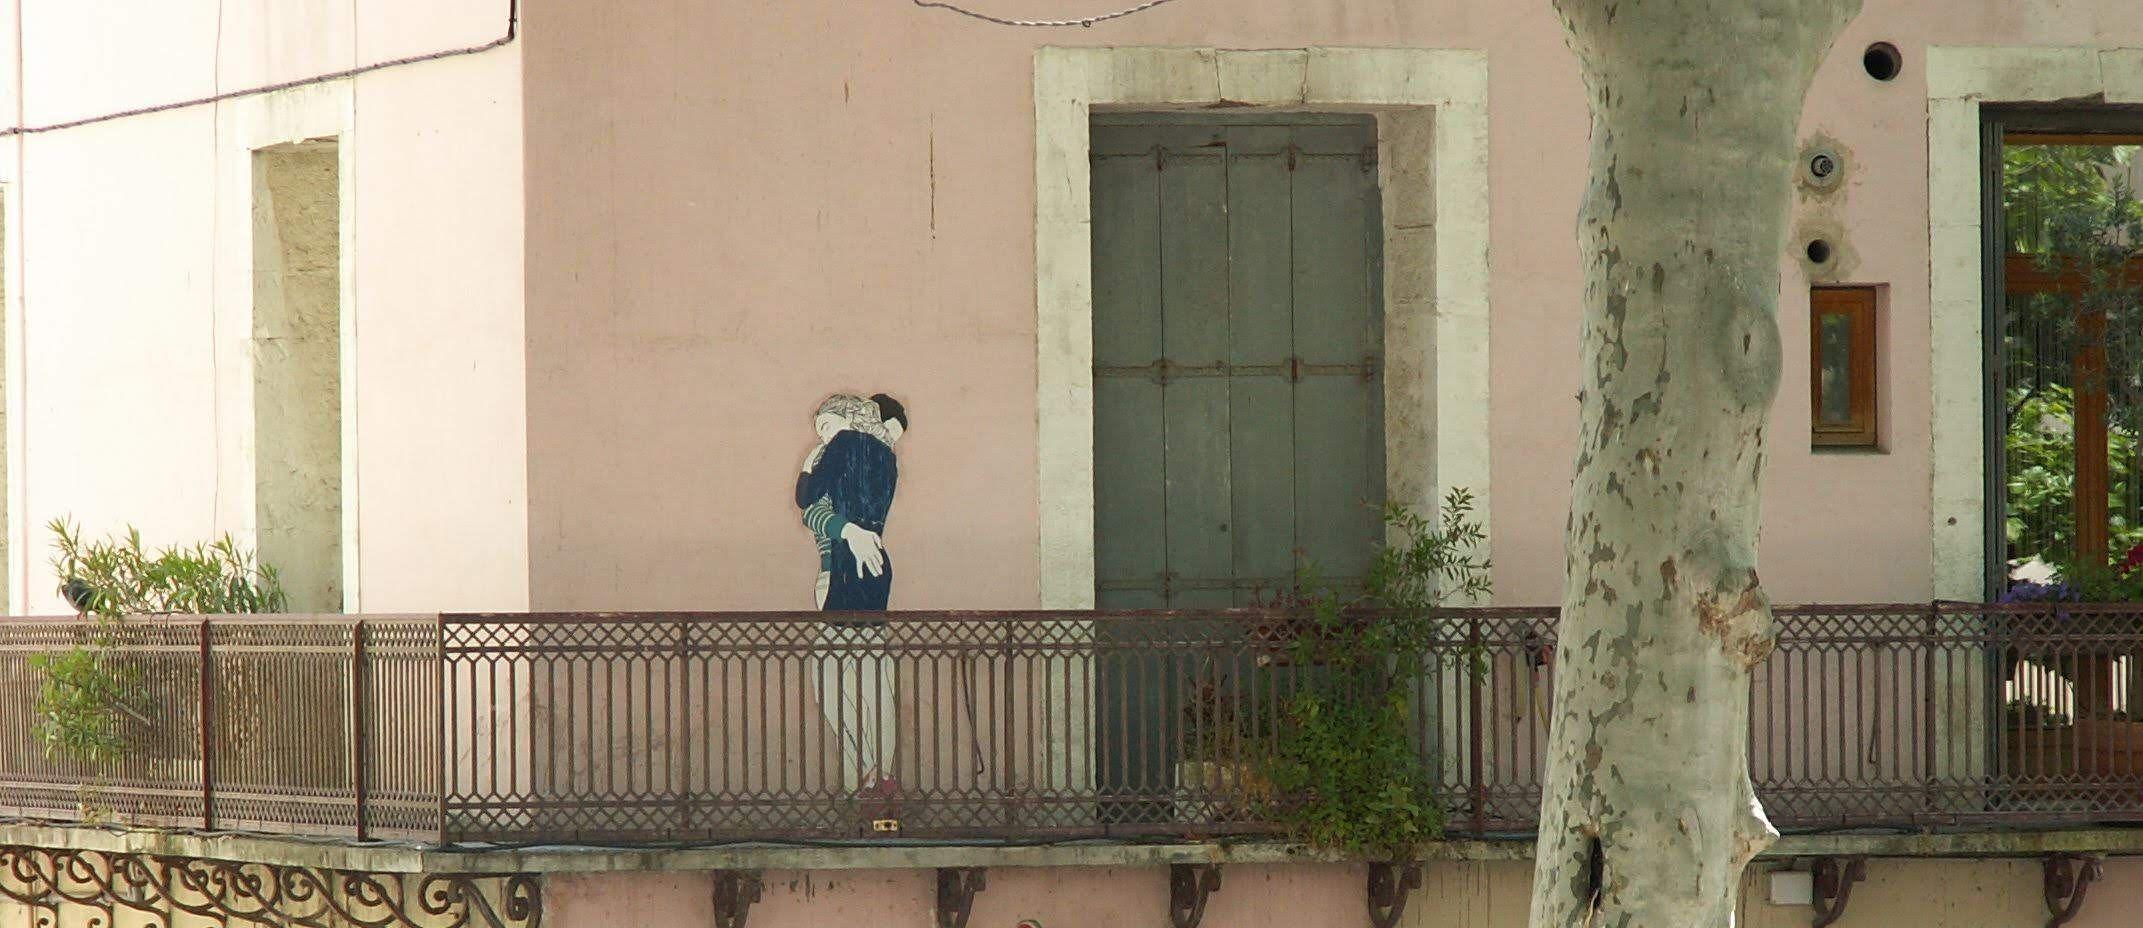 Parce que j'aime le street art